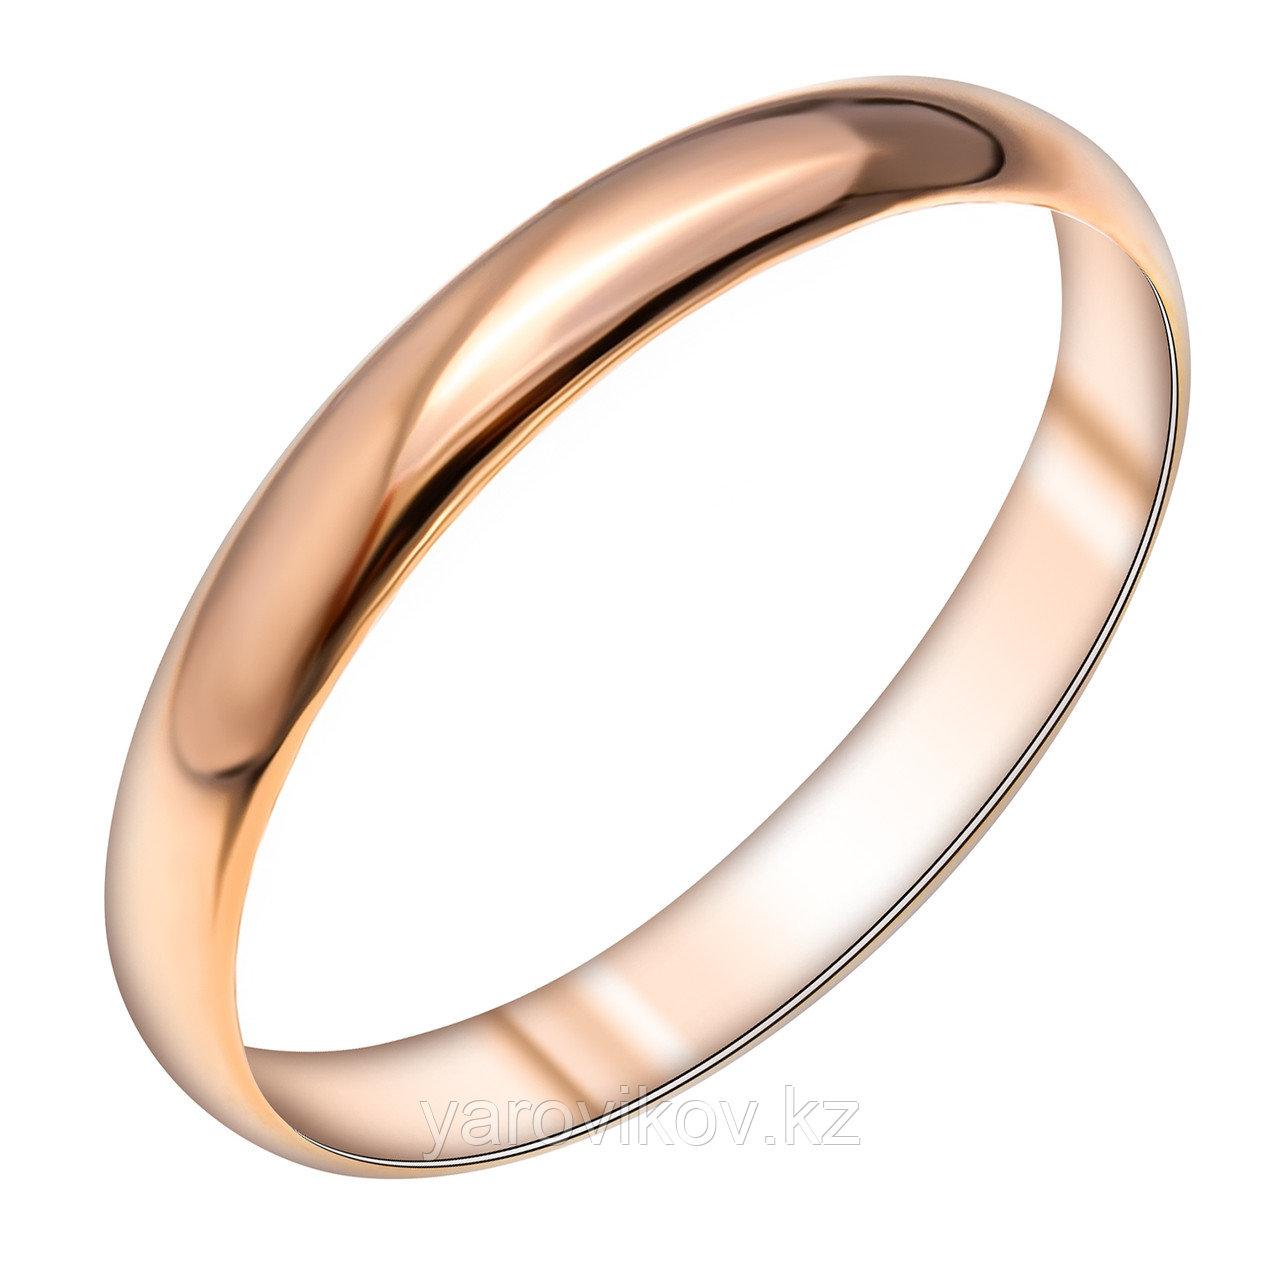 Серебряное кольцо SOKOLOV 93110001 - фото 1